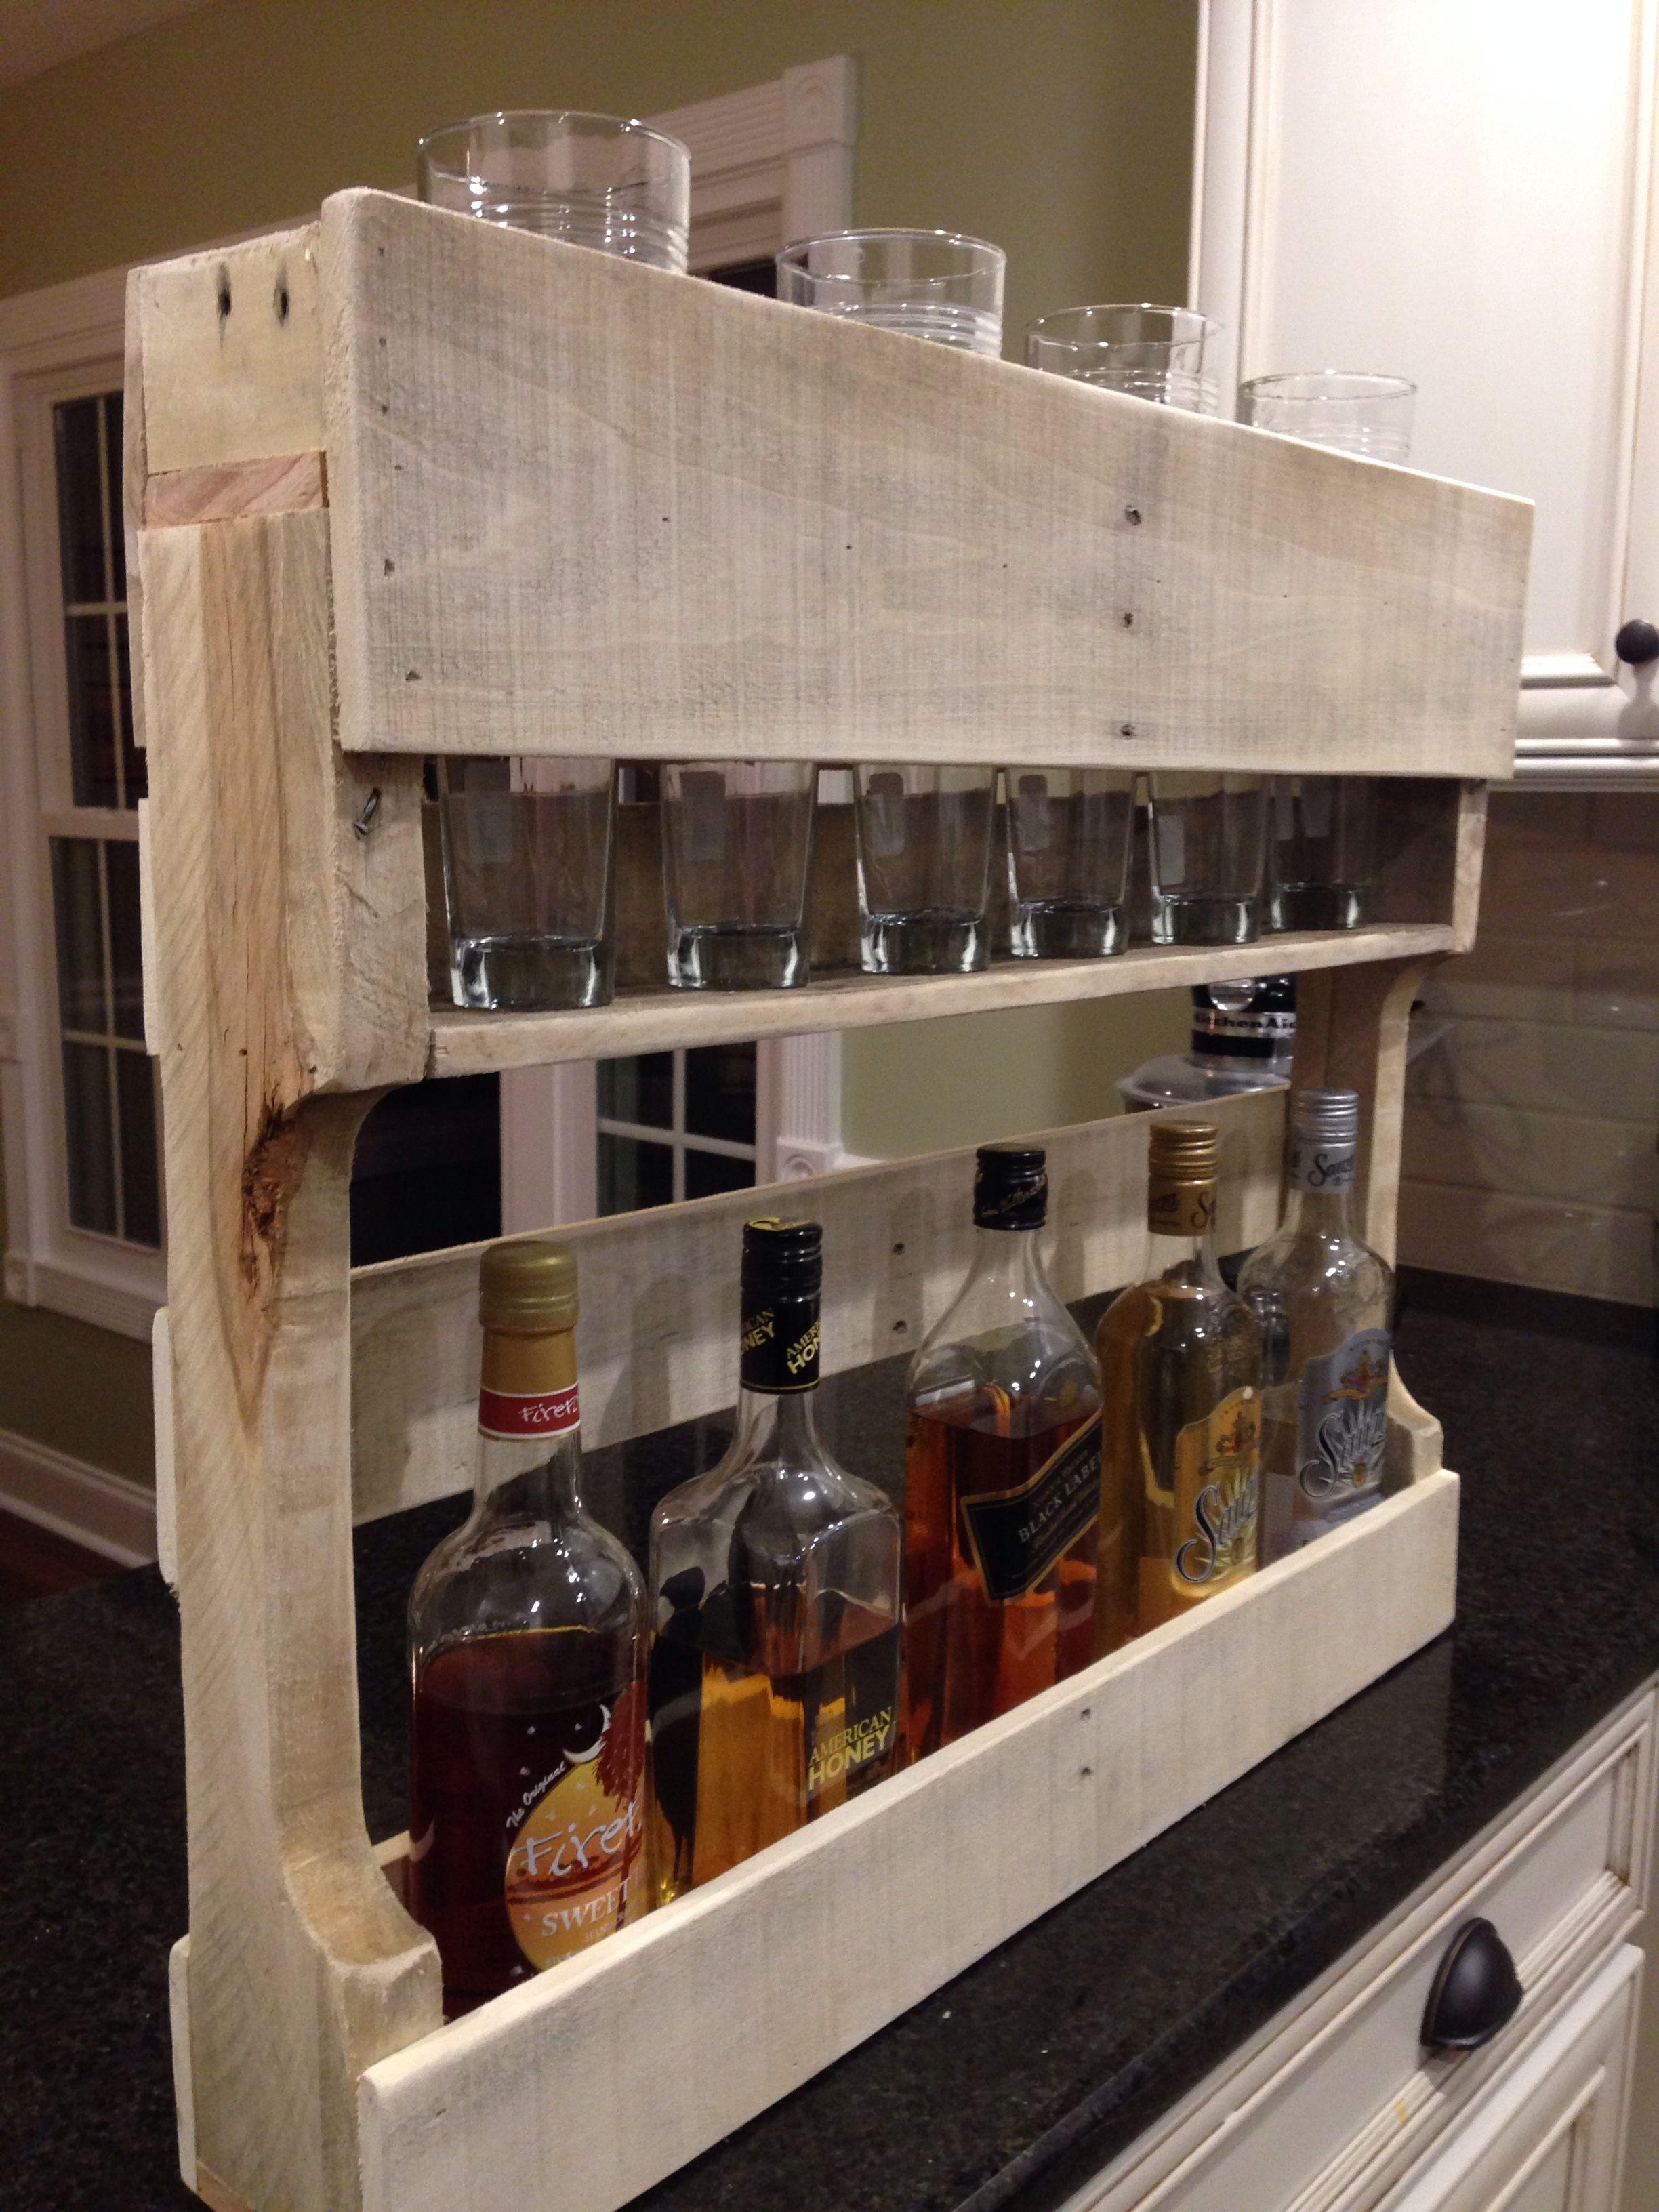 21 Amazing Shelf Rack Ideas For Your Home: Liquor Rack I Made. Holds Shot Glasses, Whiskey Glasses